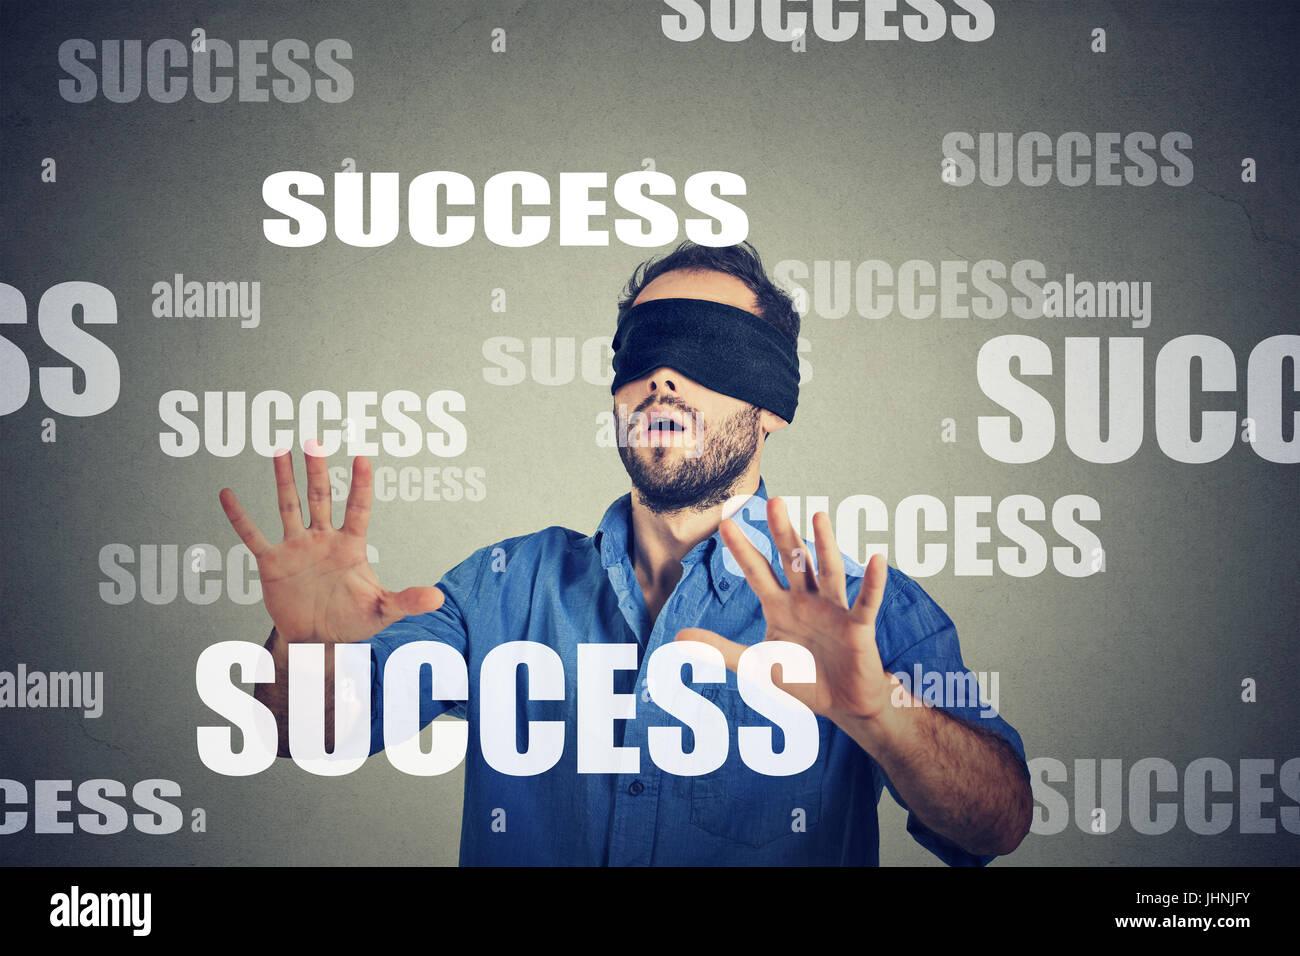 Gli occhi bendati business man in cerca di successo Immagini Stock